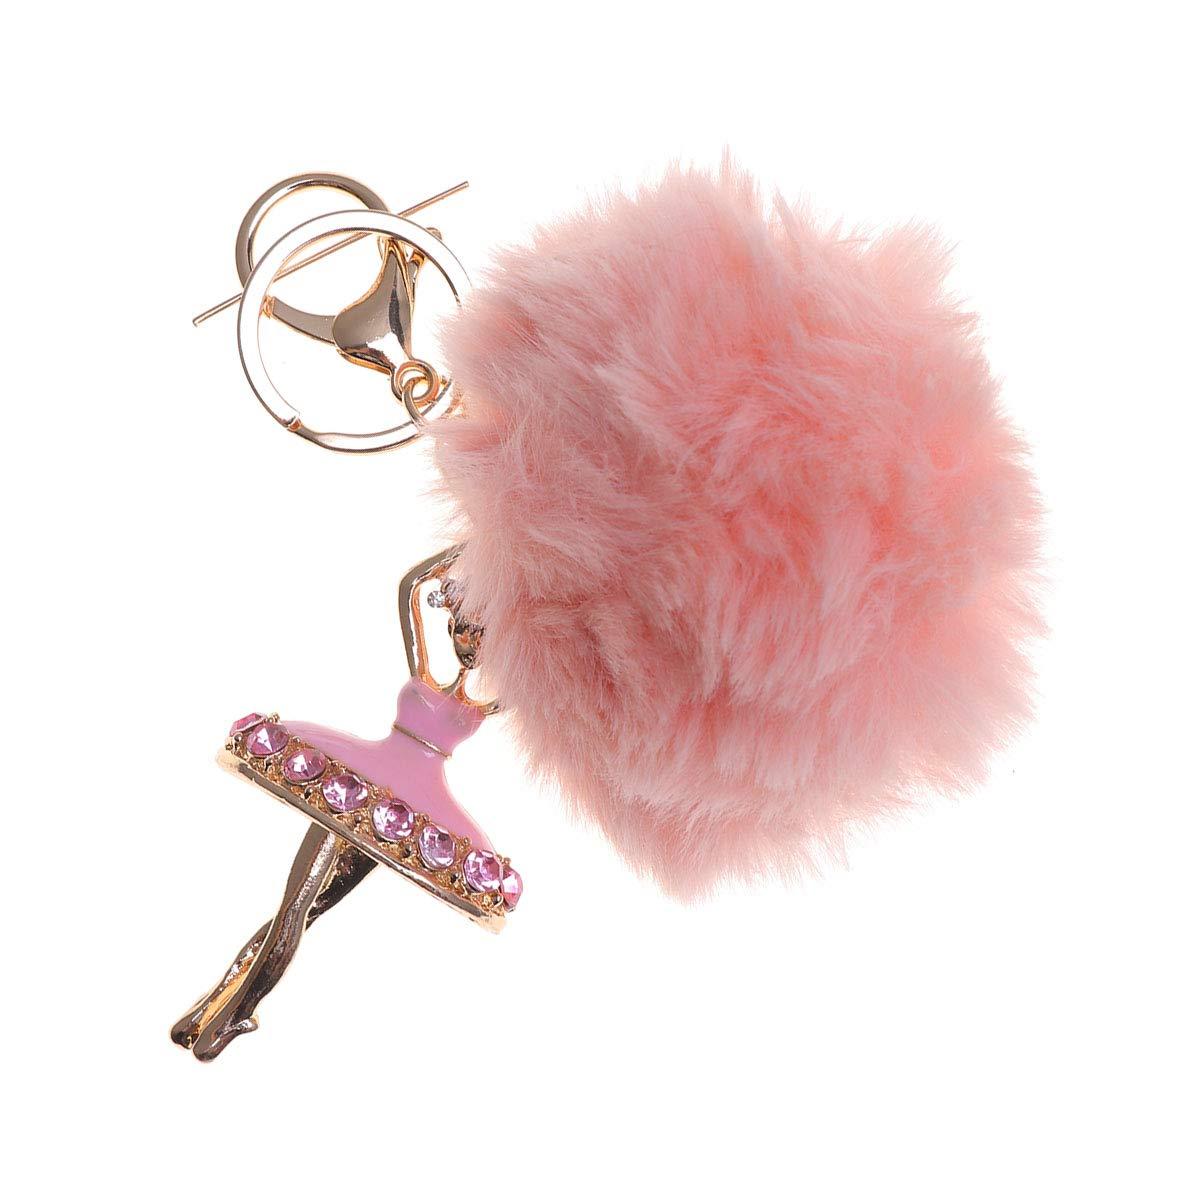 TOYMYTOY Llavero mullido de la bola con el llavero del embutido de los diamantes de imitaci/ón de las perlas para el bolso rosa el colgante del coche de las mujeres el tel/éfono m/óvil